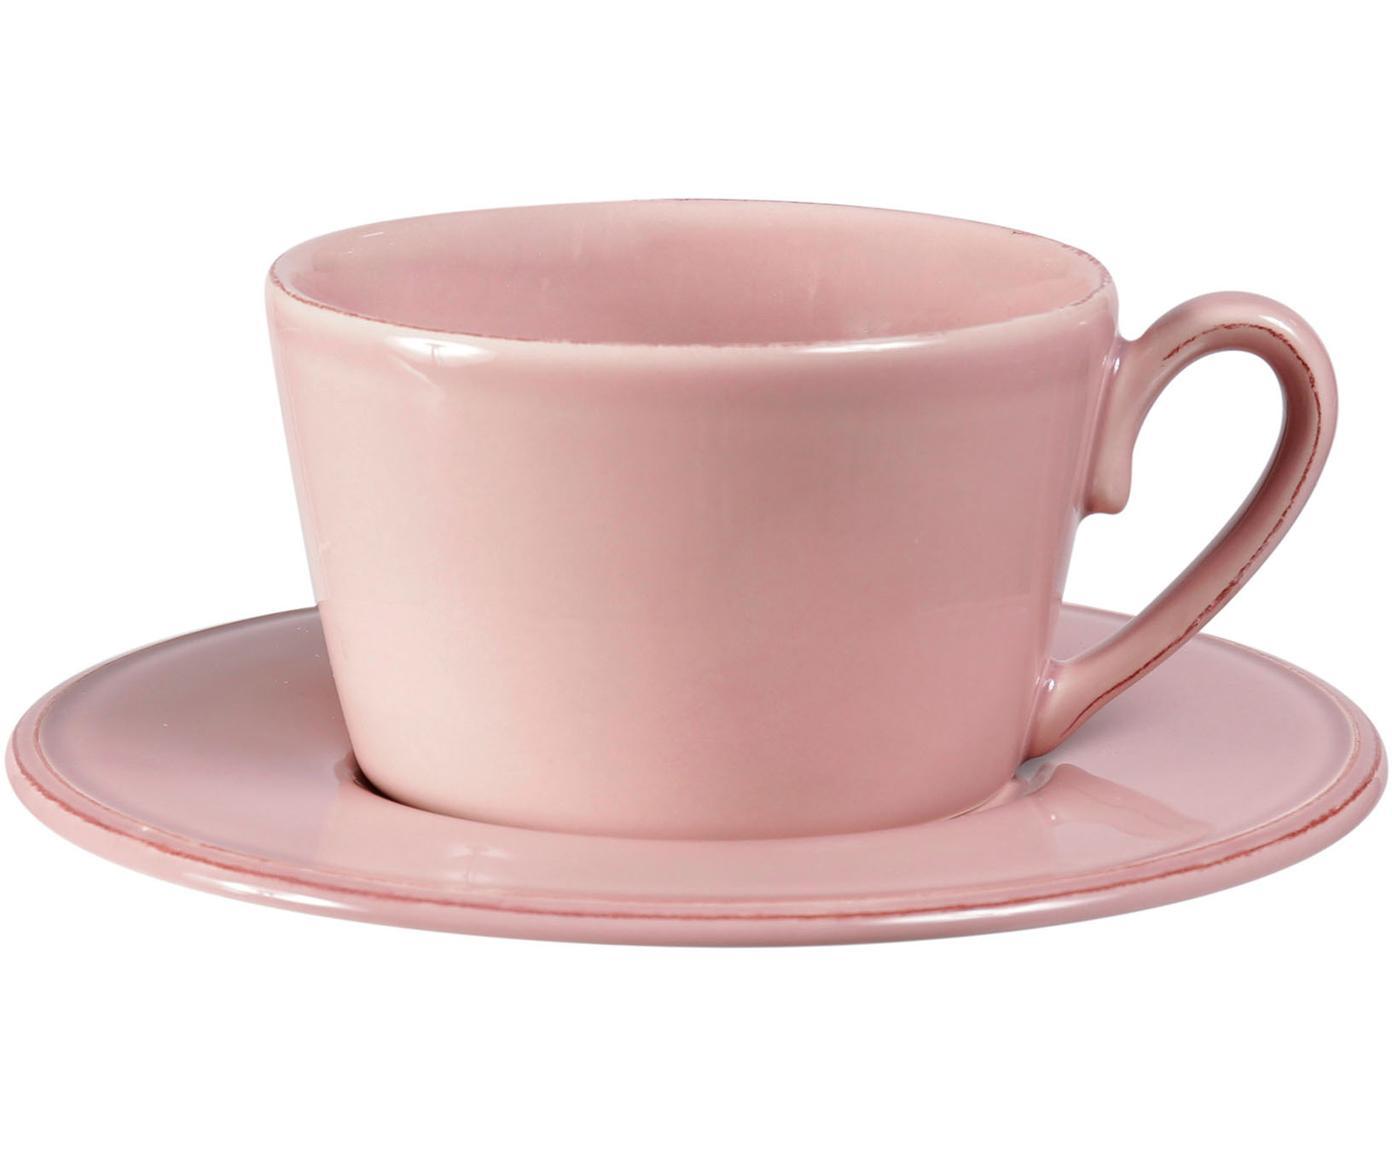 Tazza da tè con piattino Constance, Gres, Rosa, Ø 19 x Alt. 8 cm